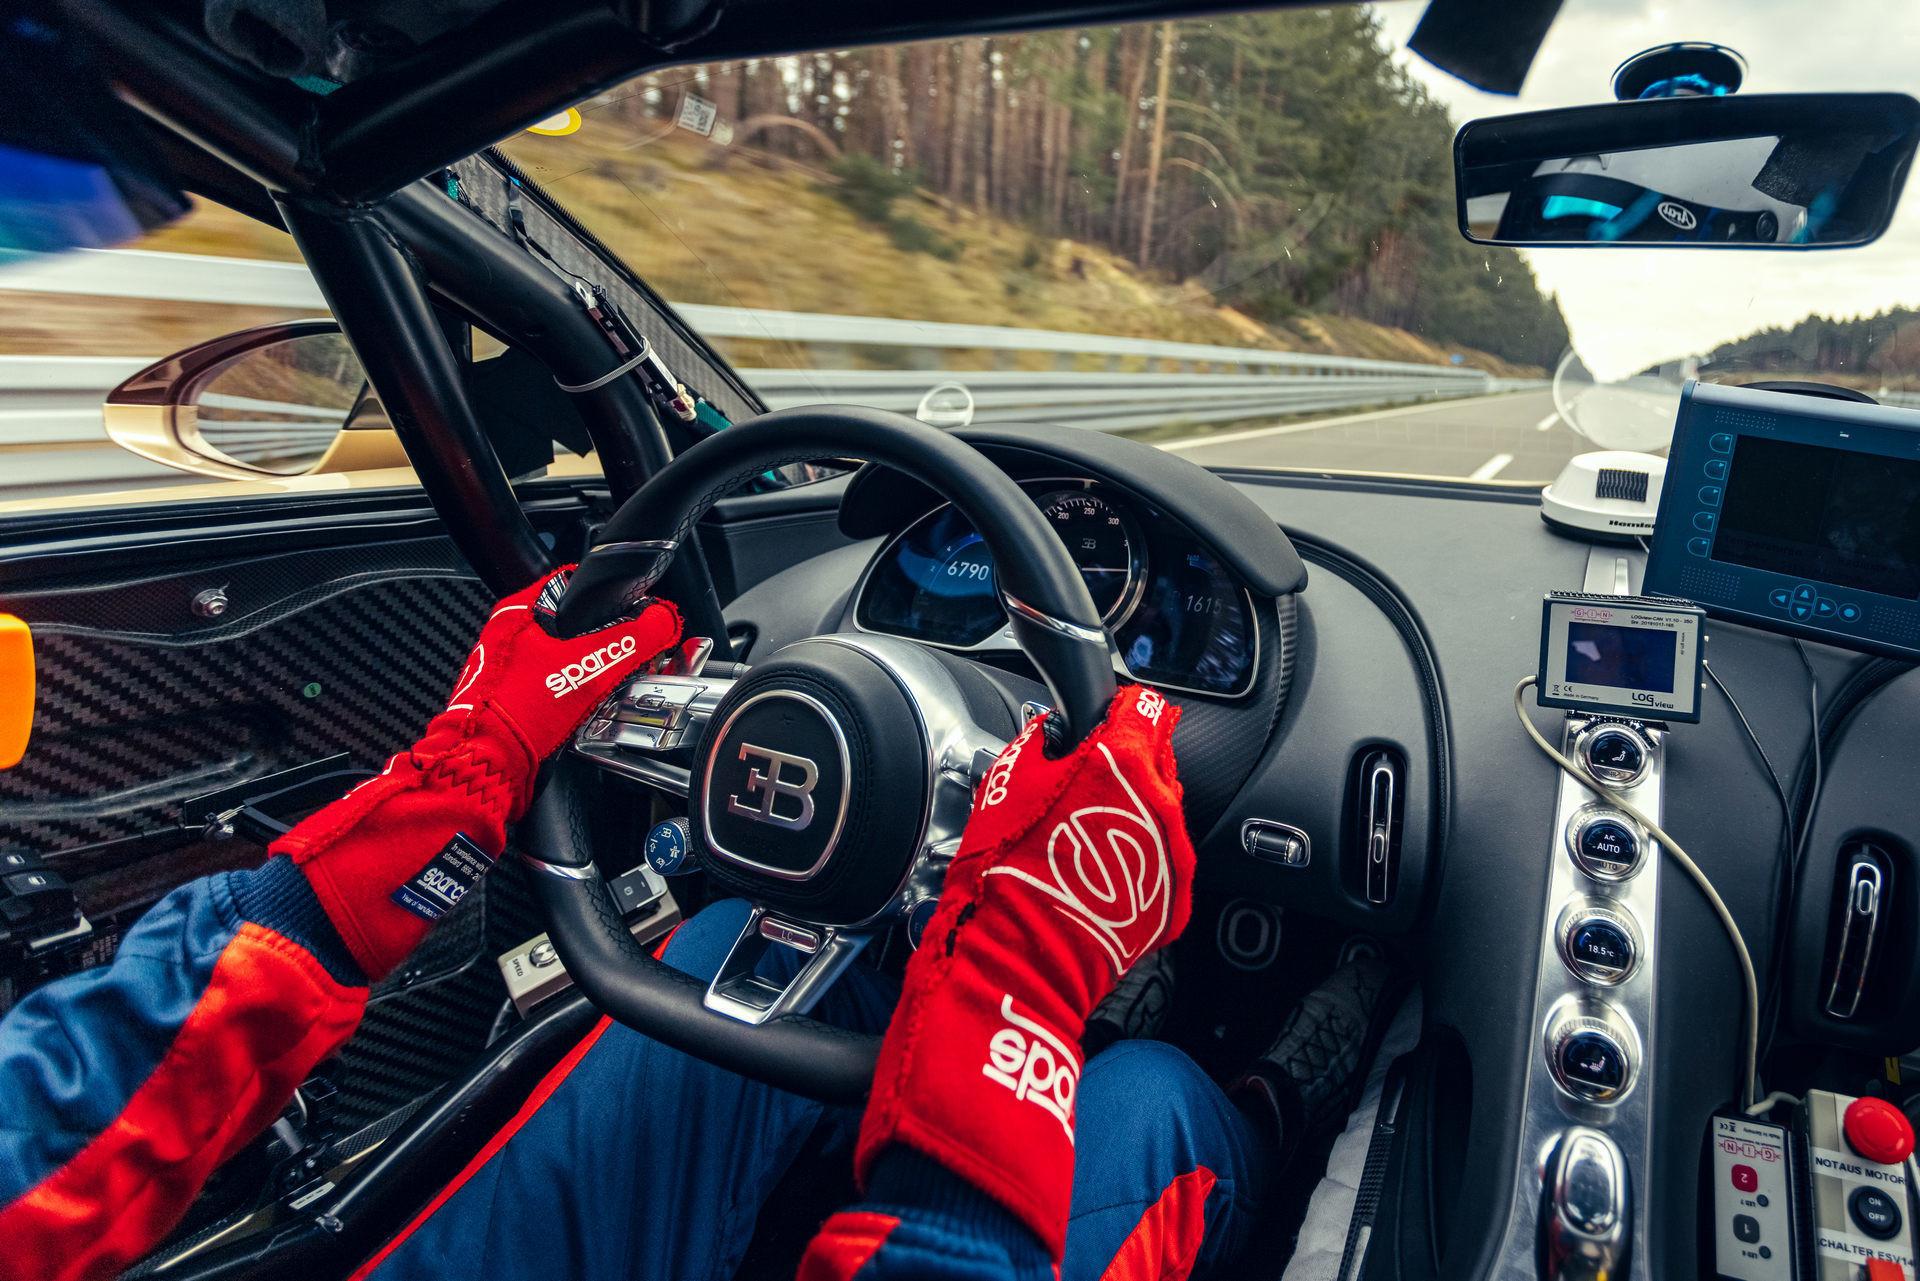 Hé lộ hình ảnh siêu xe Bugatti đang chạy thử với tốc độ 440 km/h-3